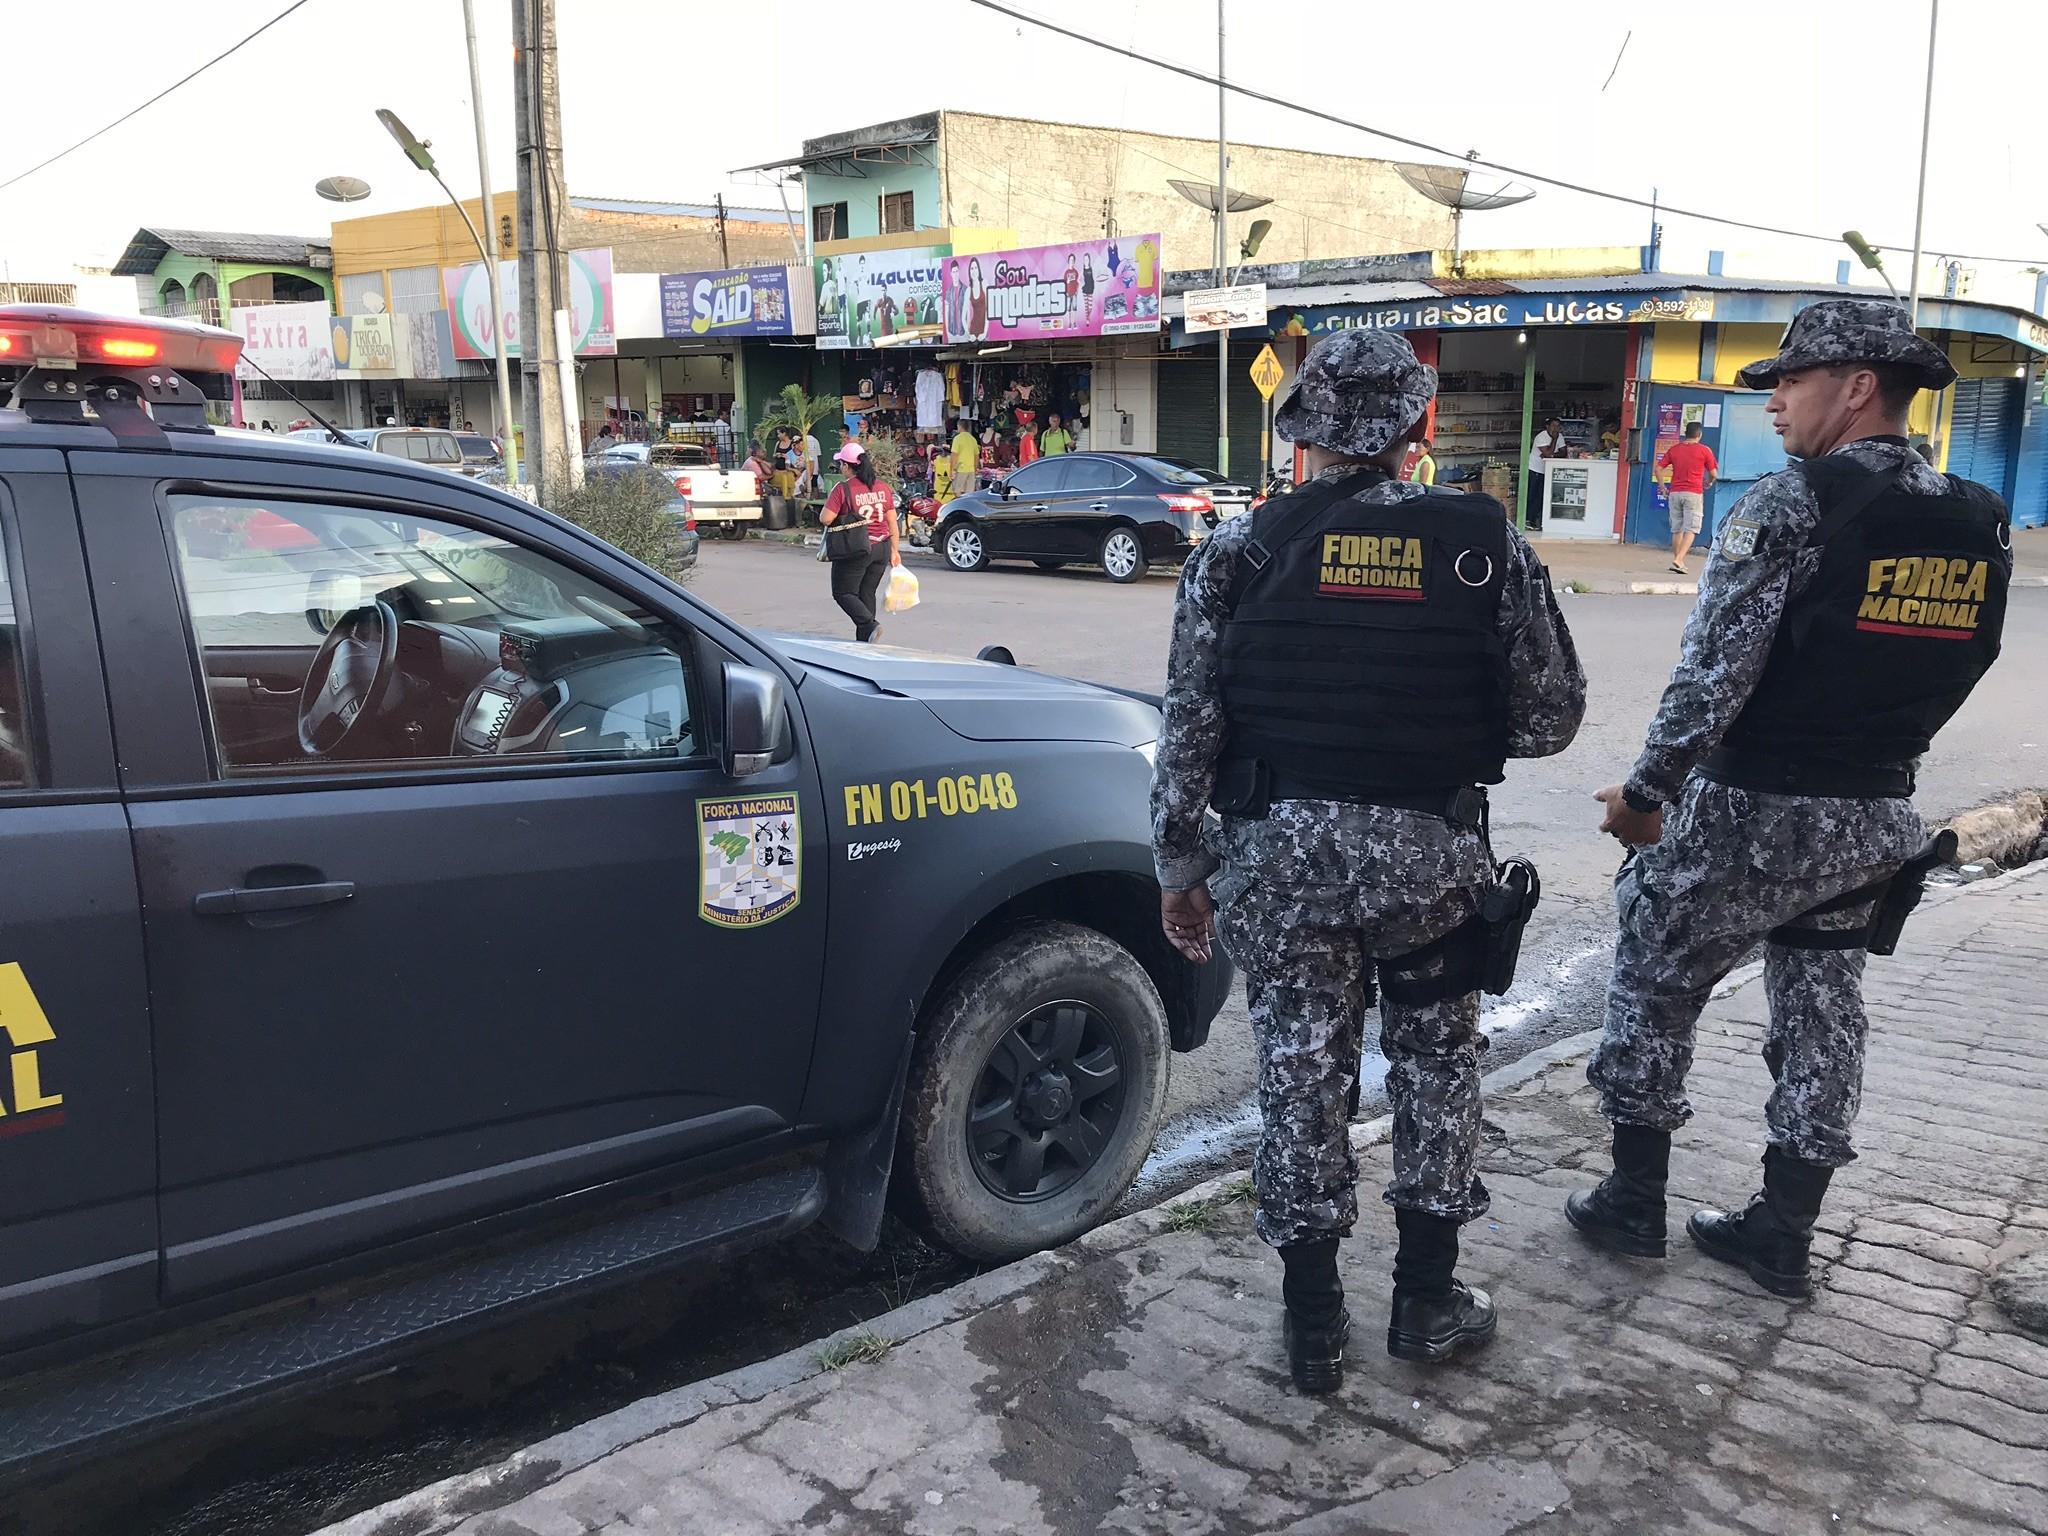 Sergio Moro autoriza prorrogação da Força Nacional em Roraima por mais 120 dias - Notícias - Plantão Diário